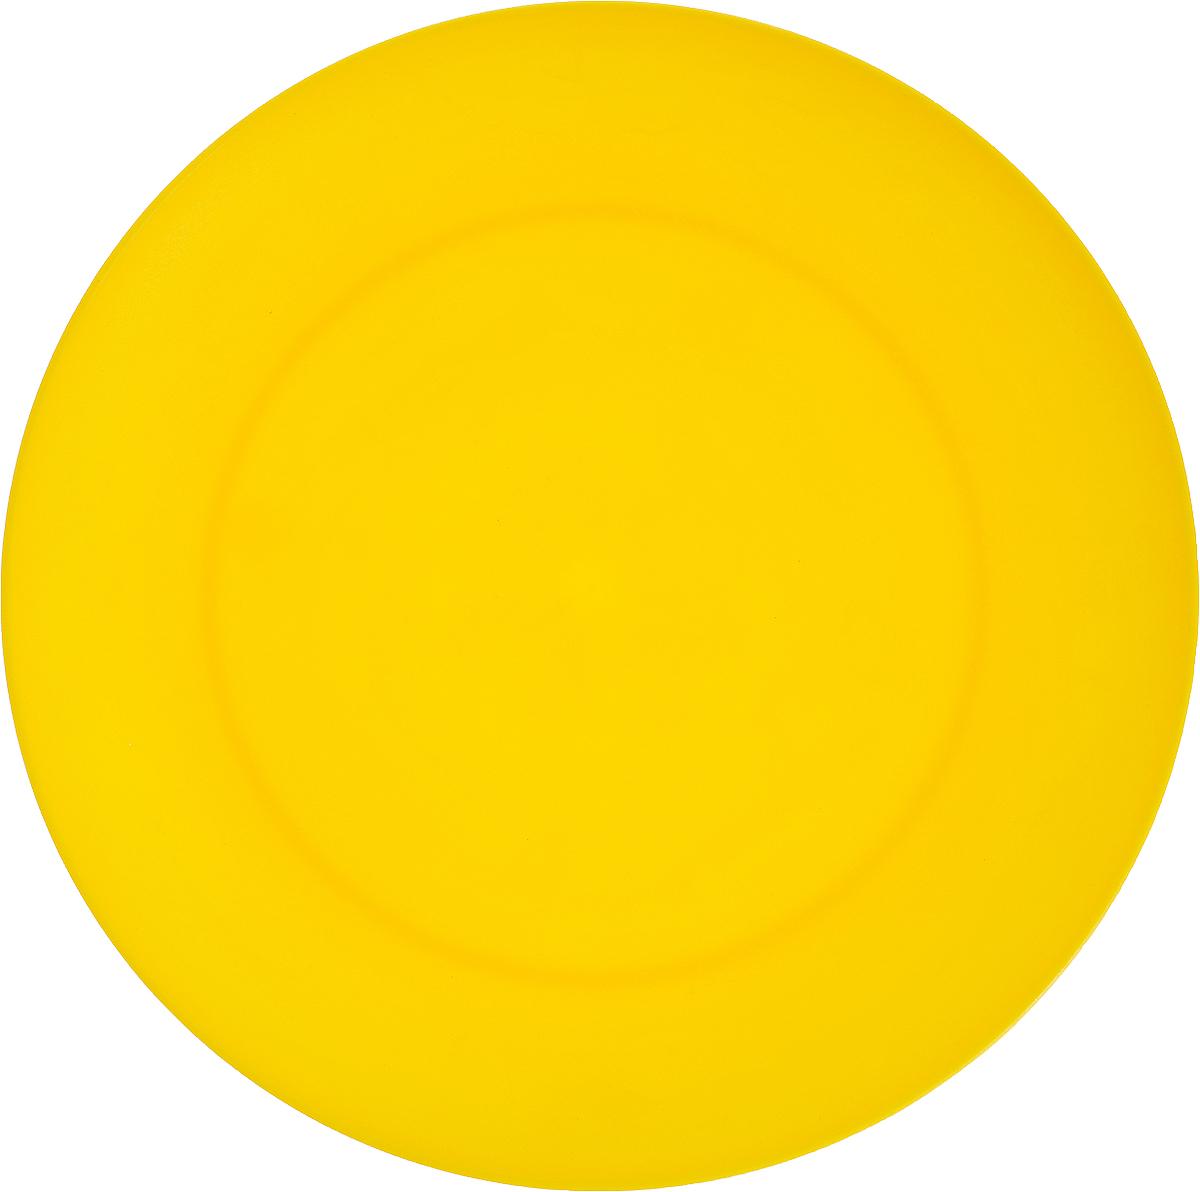 Тарелка Gotoff, цвет: желтый, диаметр 20,3 смWTC-271_желтыйТарелка Gotoff изготовлена из цветного пищевого полипропилена и предназначена для холодной и горячей пищи. Выдерживает температурный режим в пределах от -25°С до +110°C. Посуду из пластика можно использовать в микроволновой печи, но необходимо, чтобы нагрев не превышал максимально допустимую температуру. Удобная, легкая и практичная посуда для пикника и дачи поможет сервировать стол без хлопот!Диаметр тарелки (по верхнему краю): 20,3 см. Высота тарелки: 2 см.